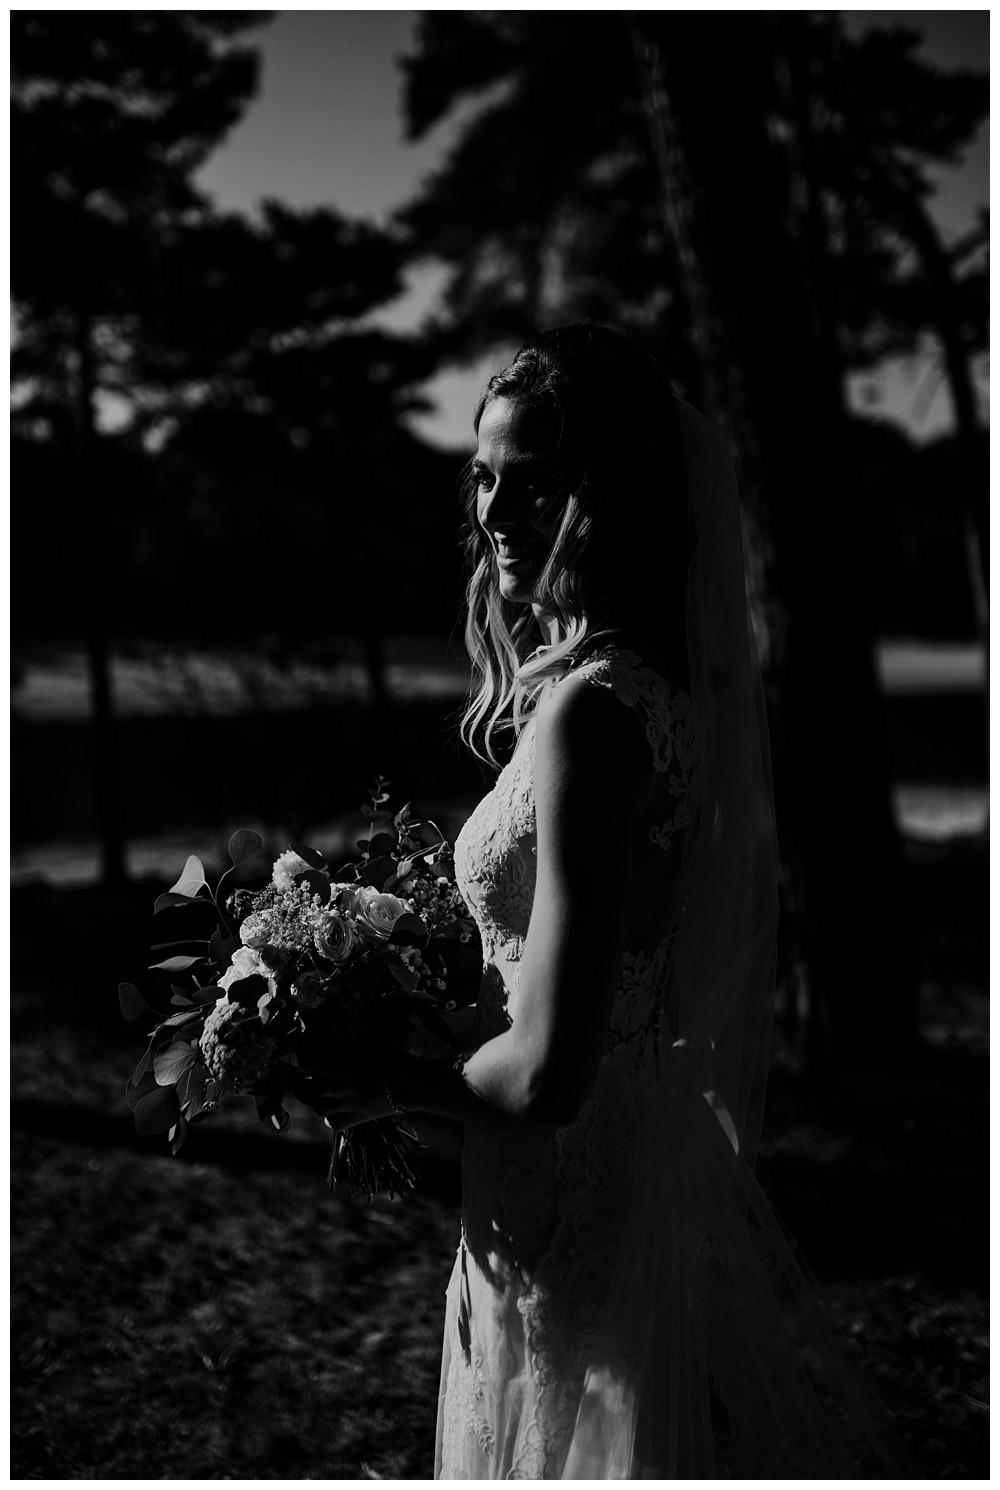 Oh-Belle_blog_Fotograaf_Lunteren_Bruiloft_0576 Bruiloft Lunteren